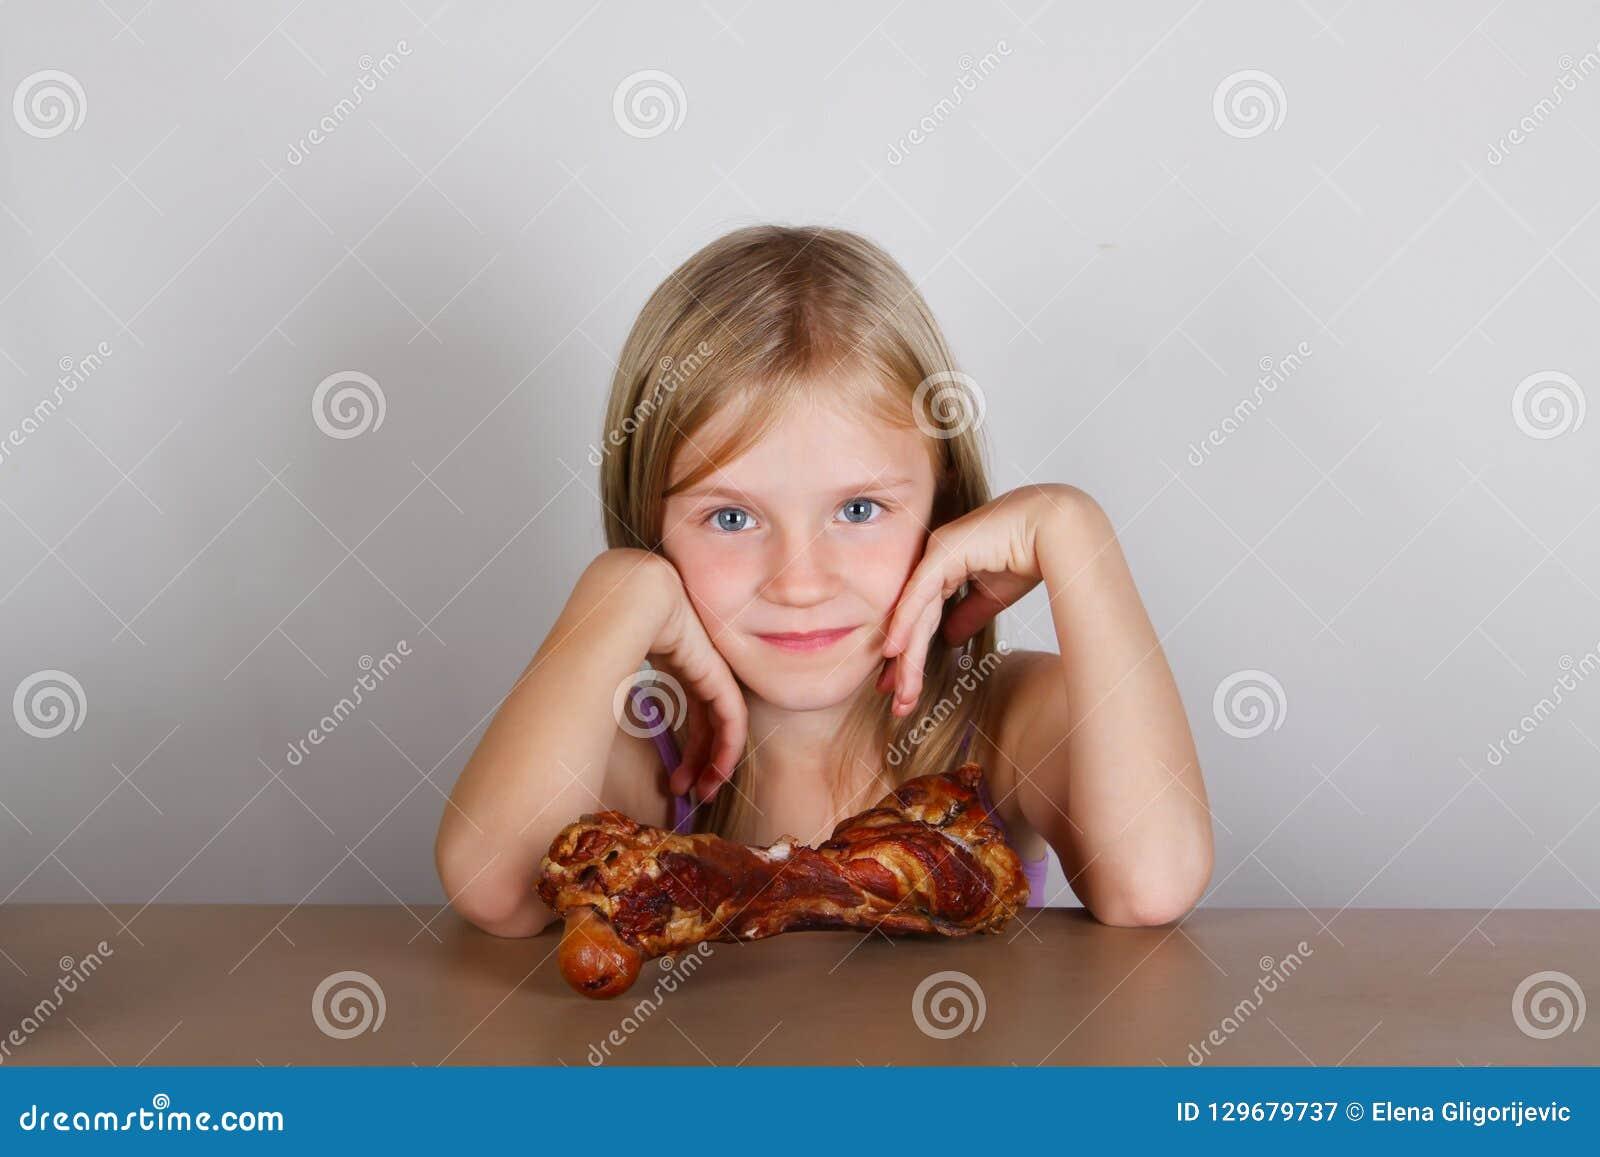 Carnivore keto diety pojęcie - mała blond dziewczyna je surowego mięso